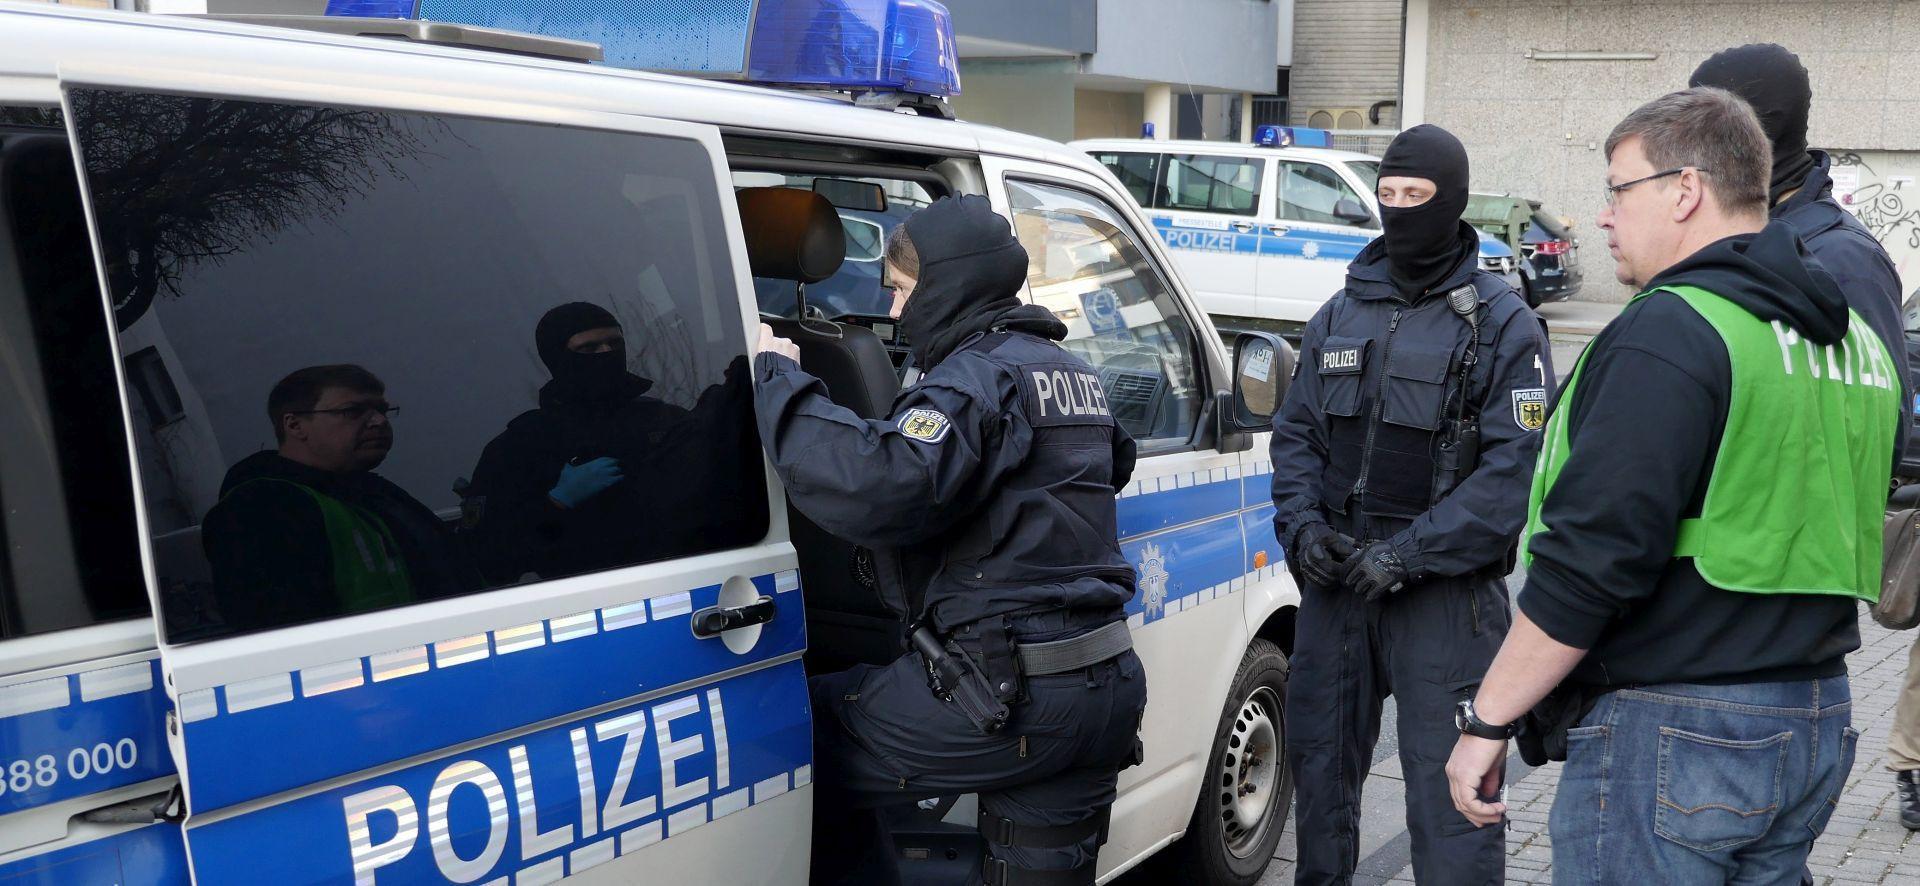 U Njemačkoj privedena dvojica Afganistanaca zbog sumnje na ubojstvo